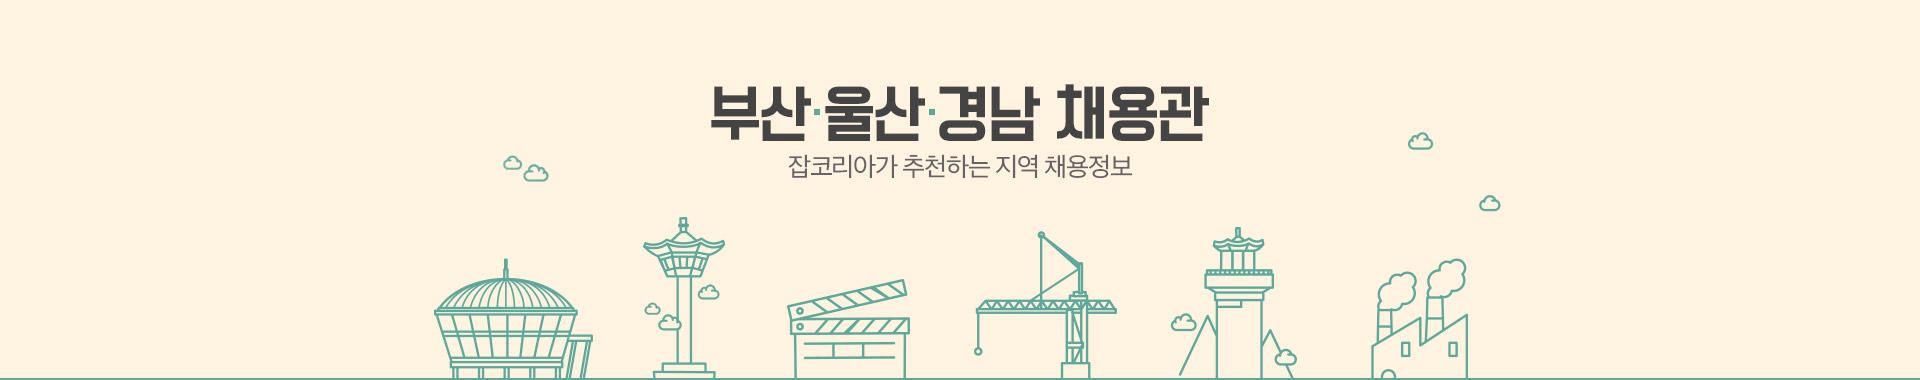 부산 울산 경남 채용관